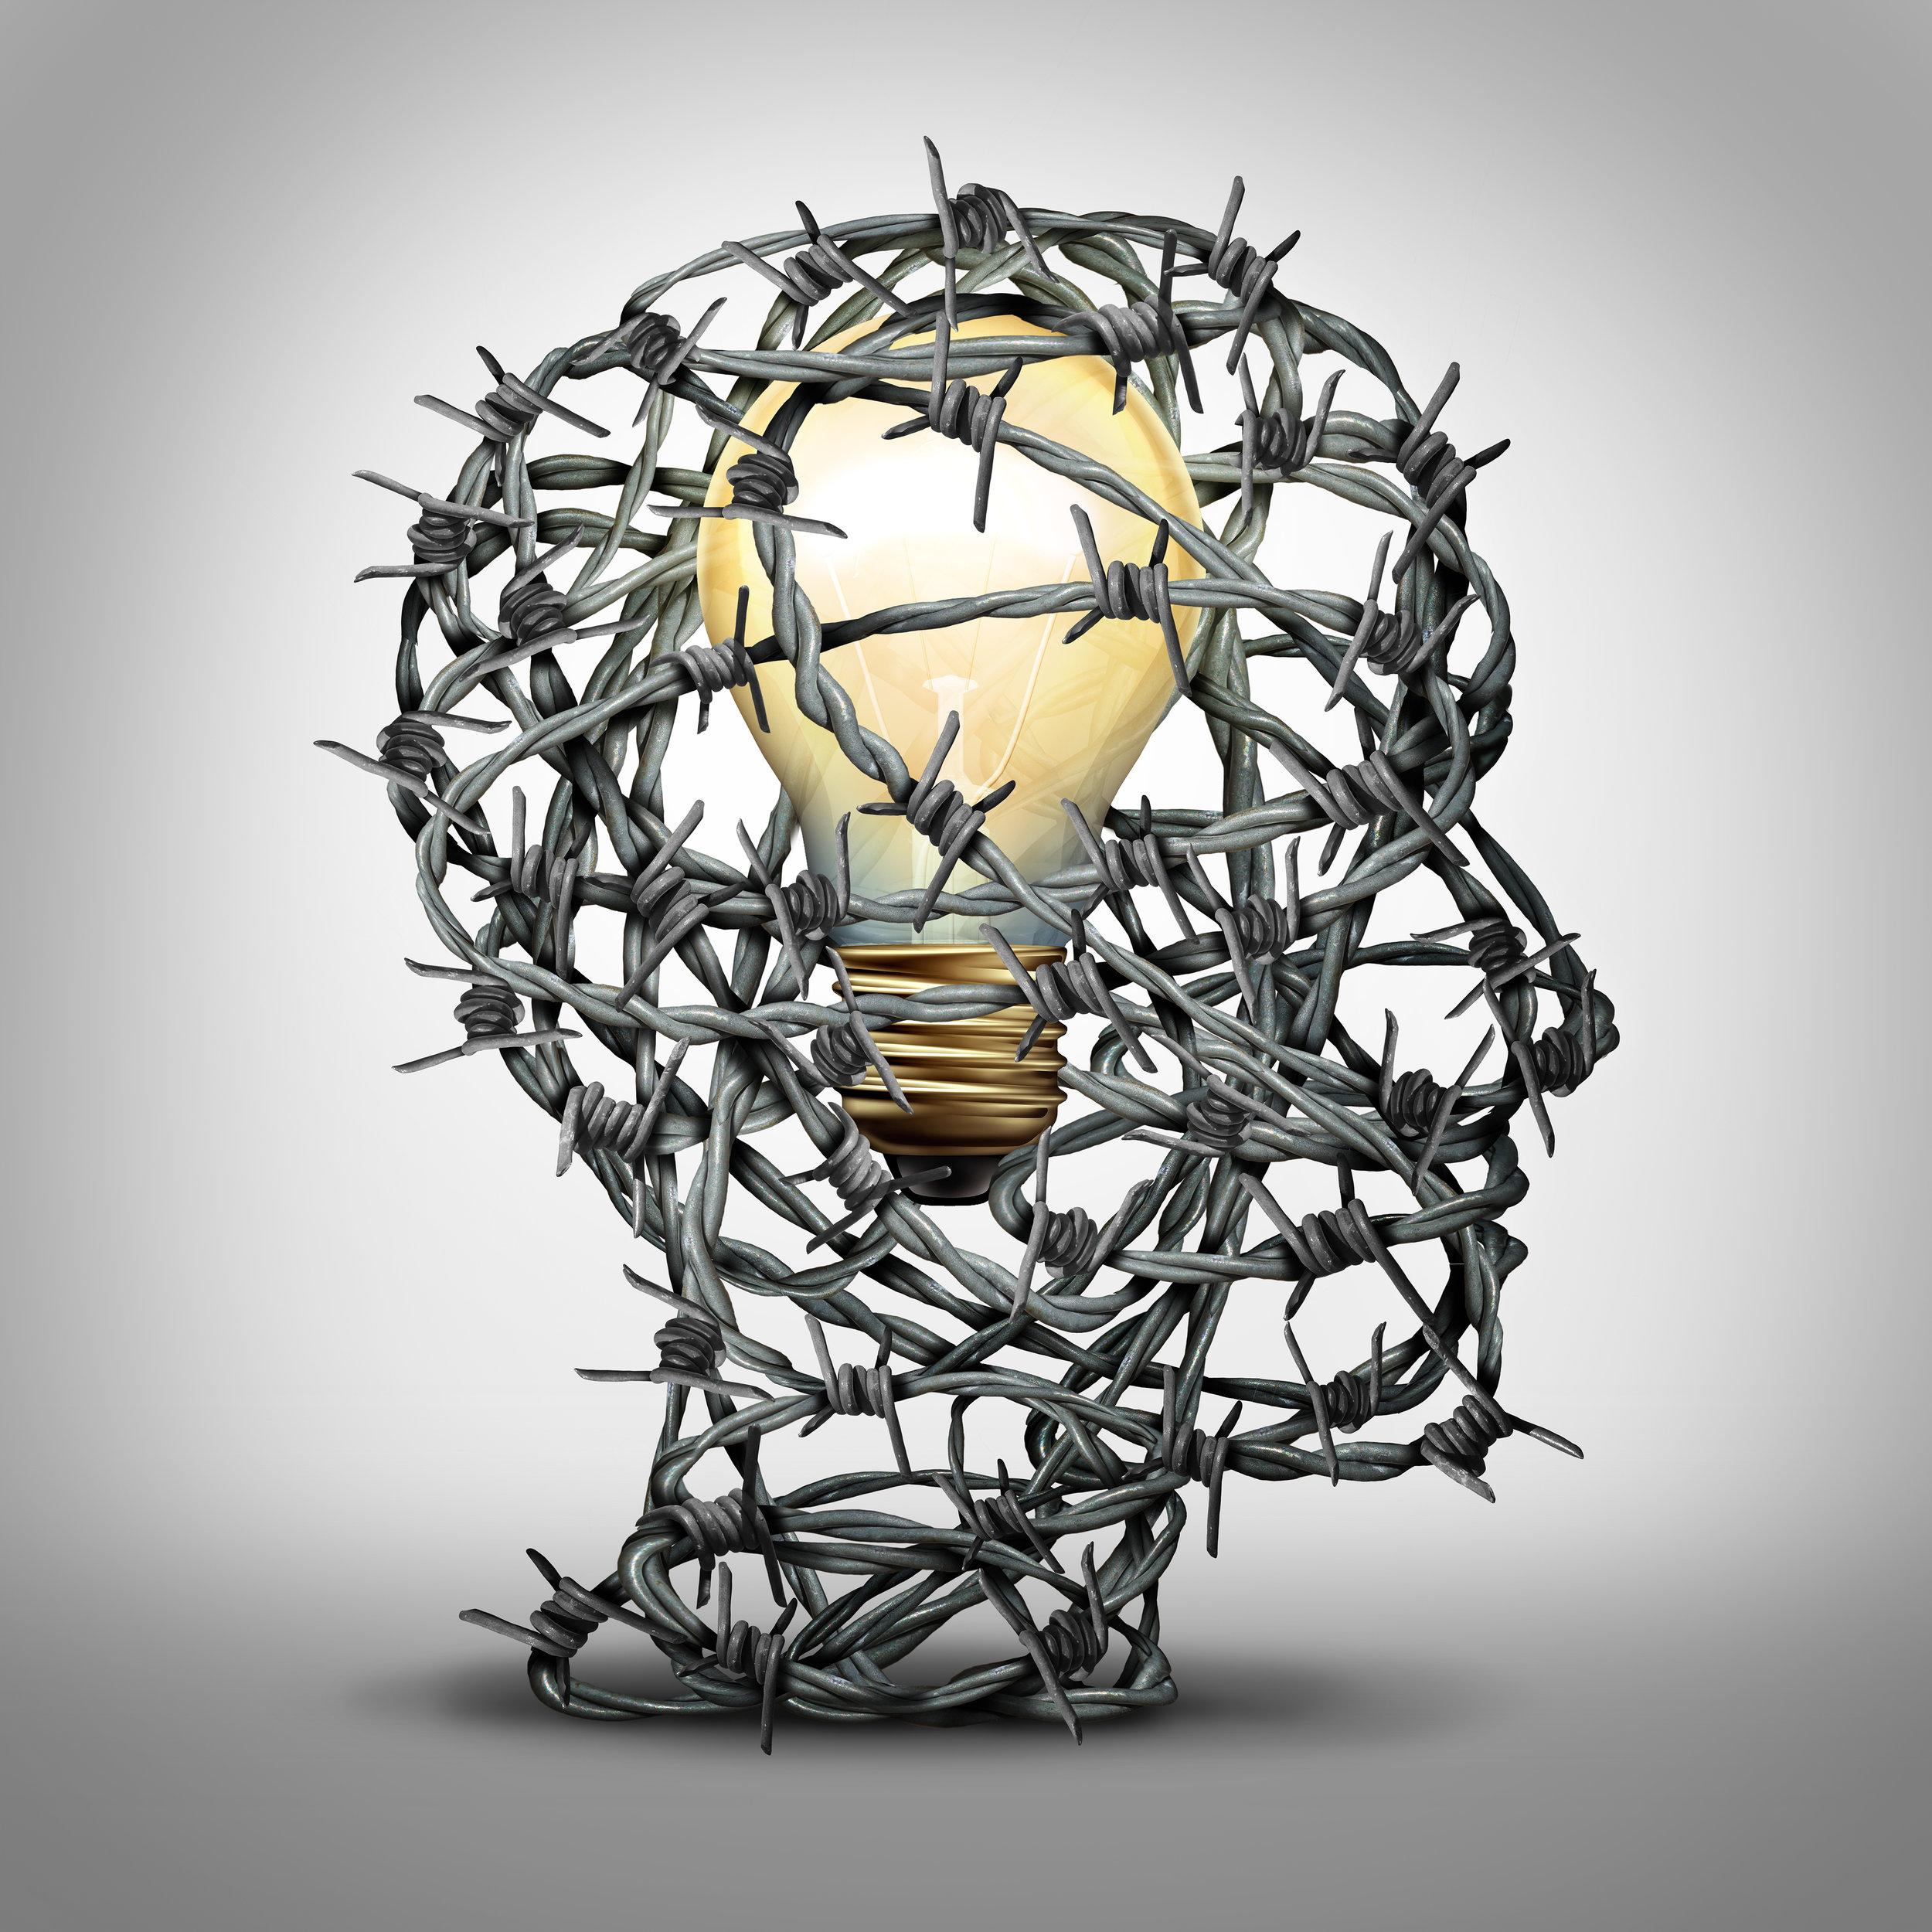 Una patente es un derecho que brinda el gobierno para excluir a otros de usar/vender un invento por un tiempo limitado. Es una manera de proteger la propiedad intelectual de un inventor.